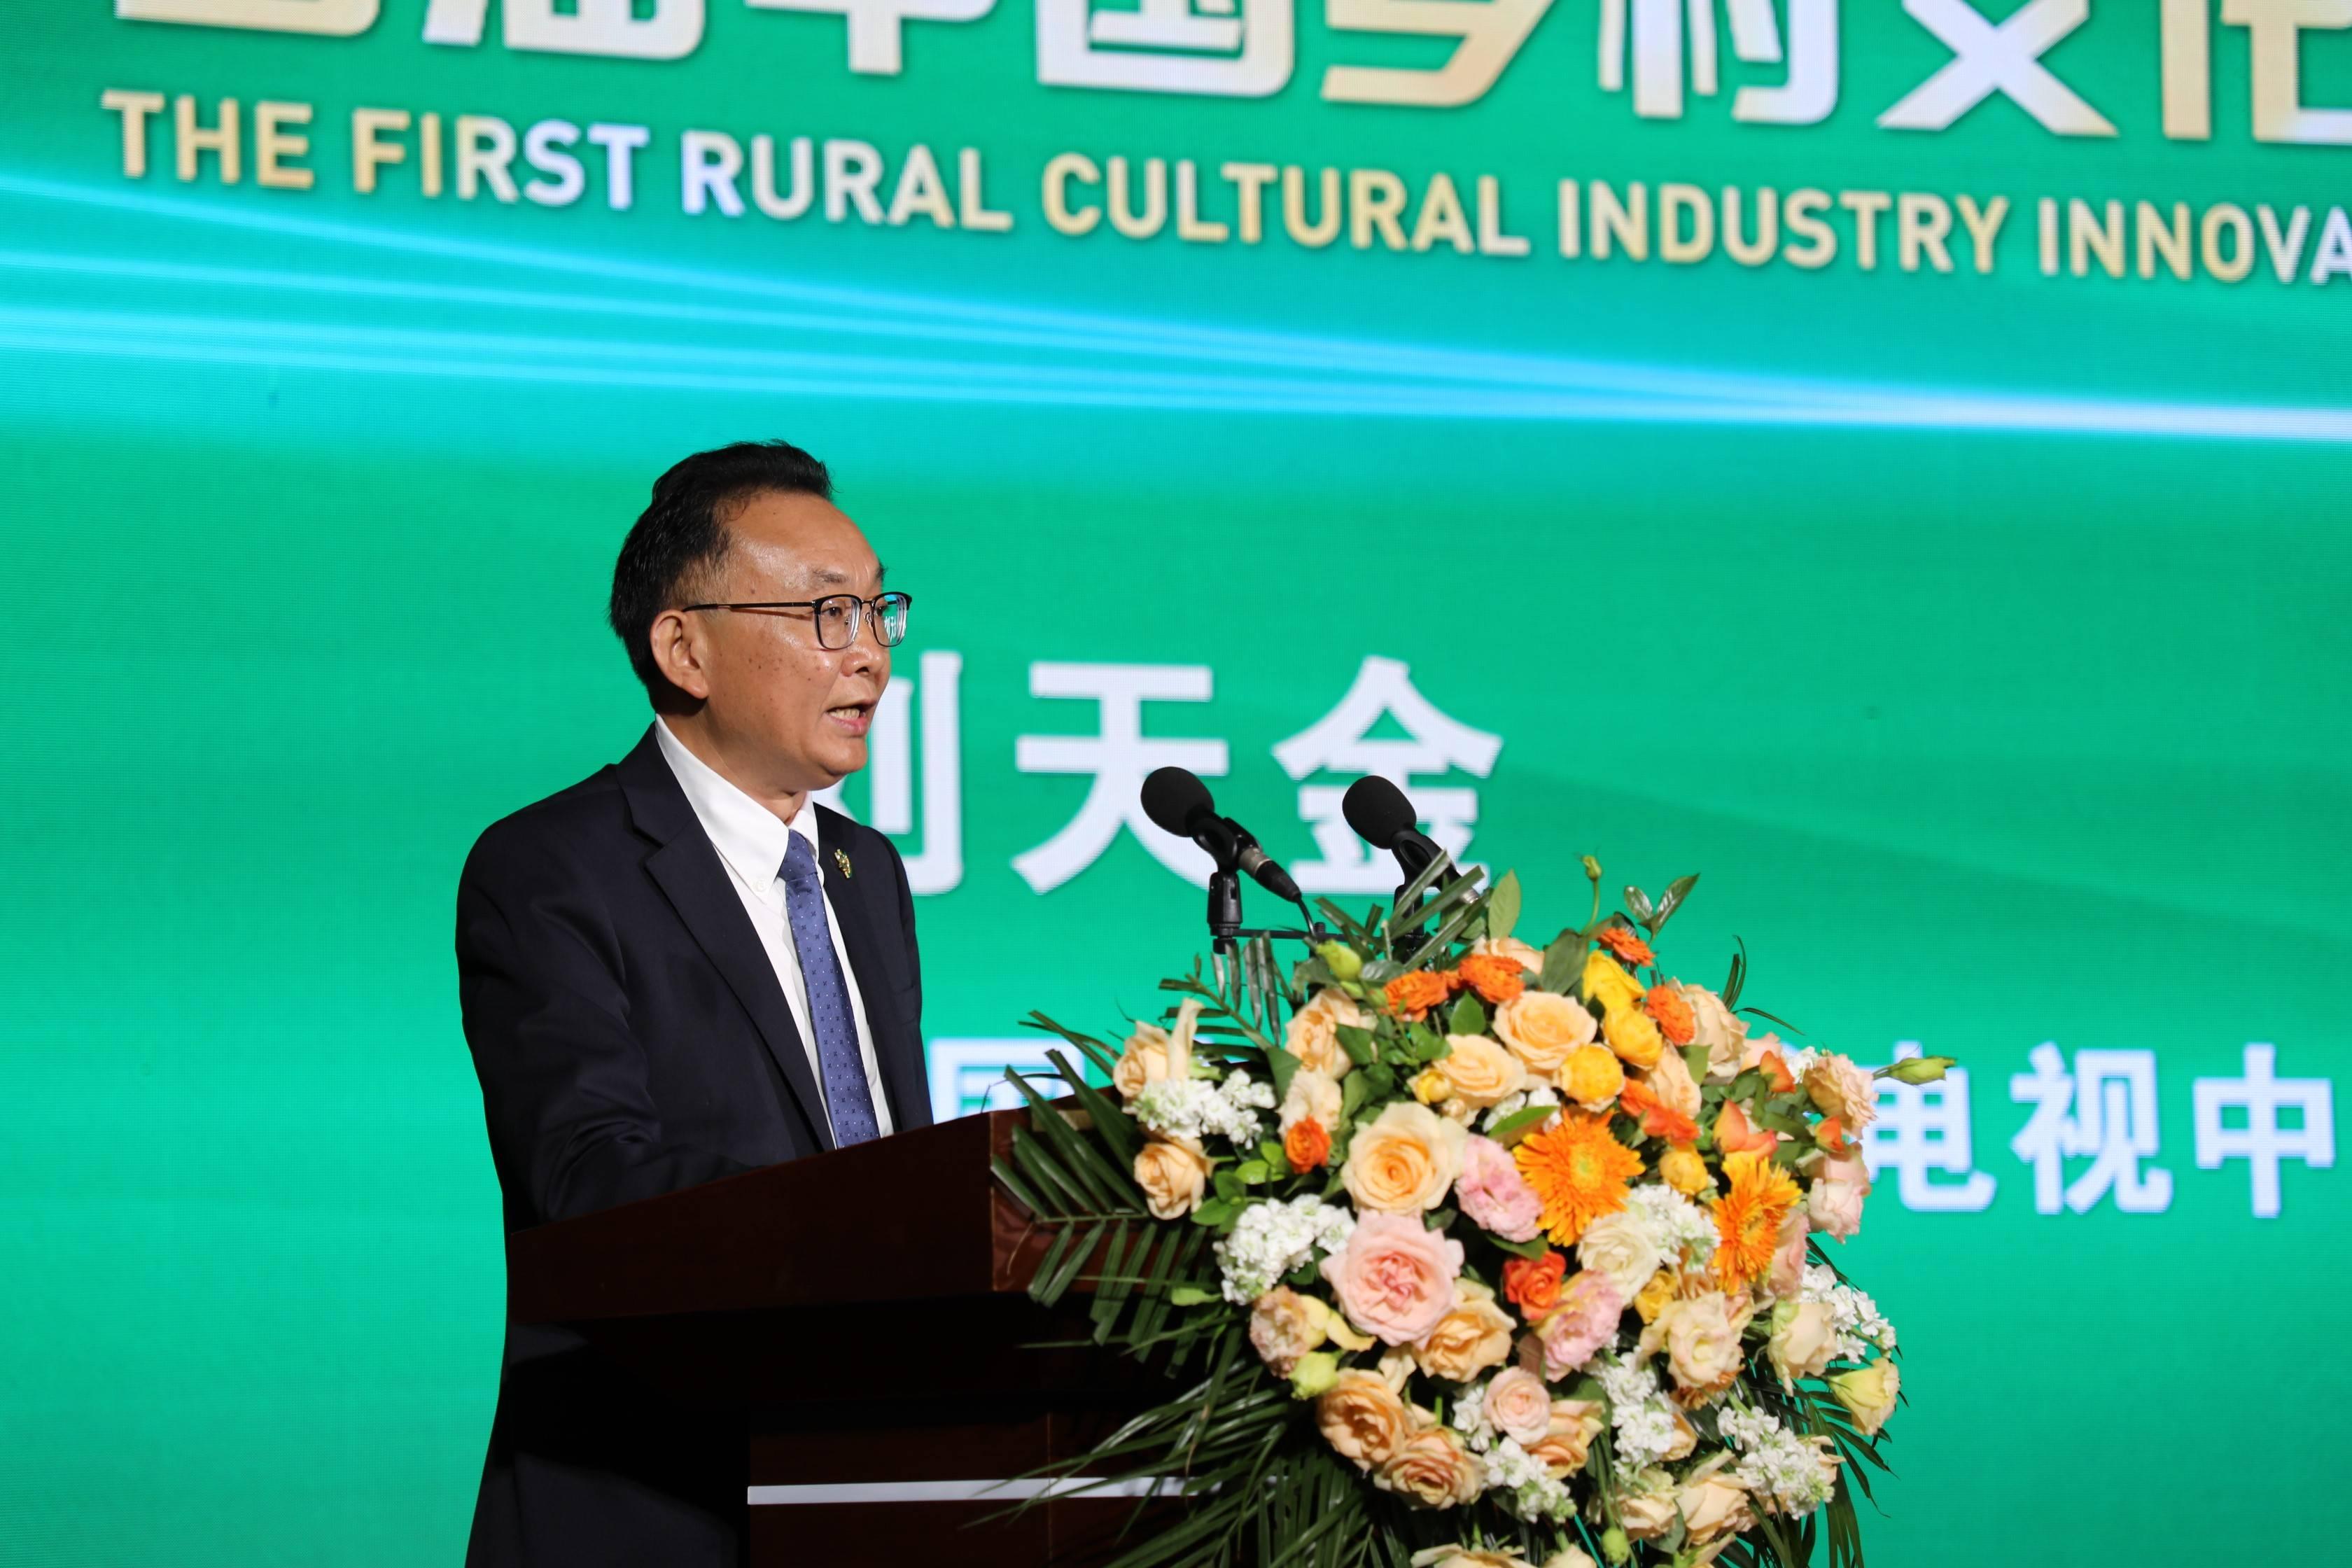 首届中国乡村文化产业创新发展大会在辽宁盘锦举办